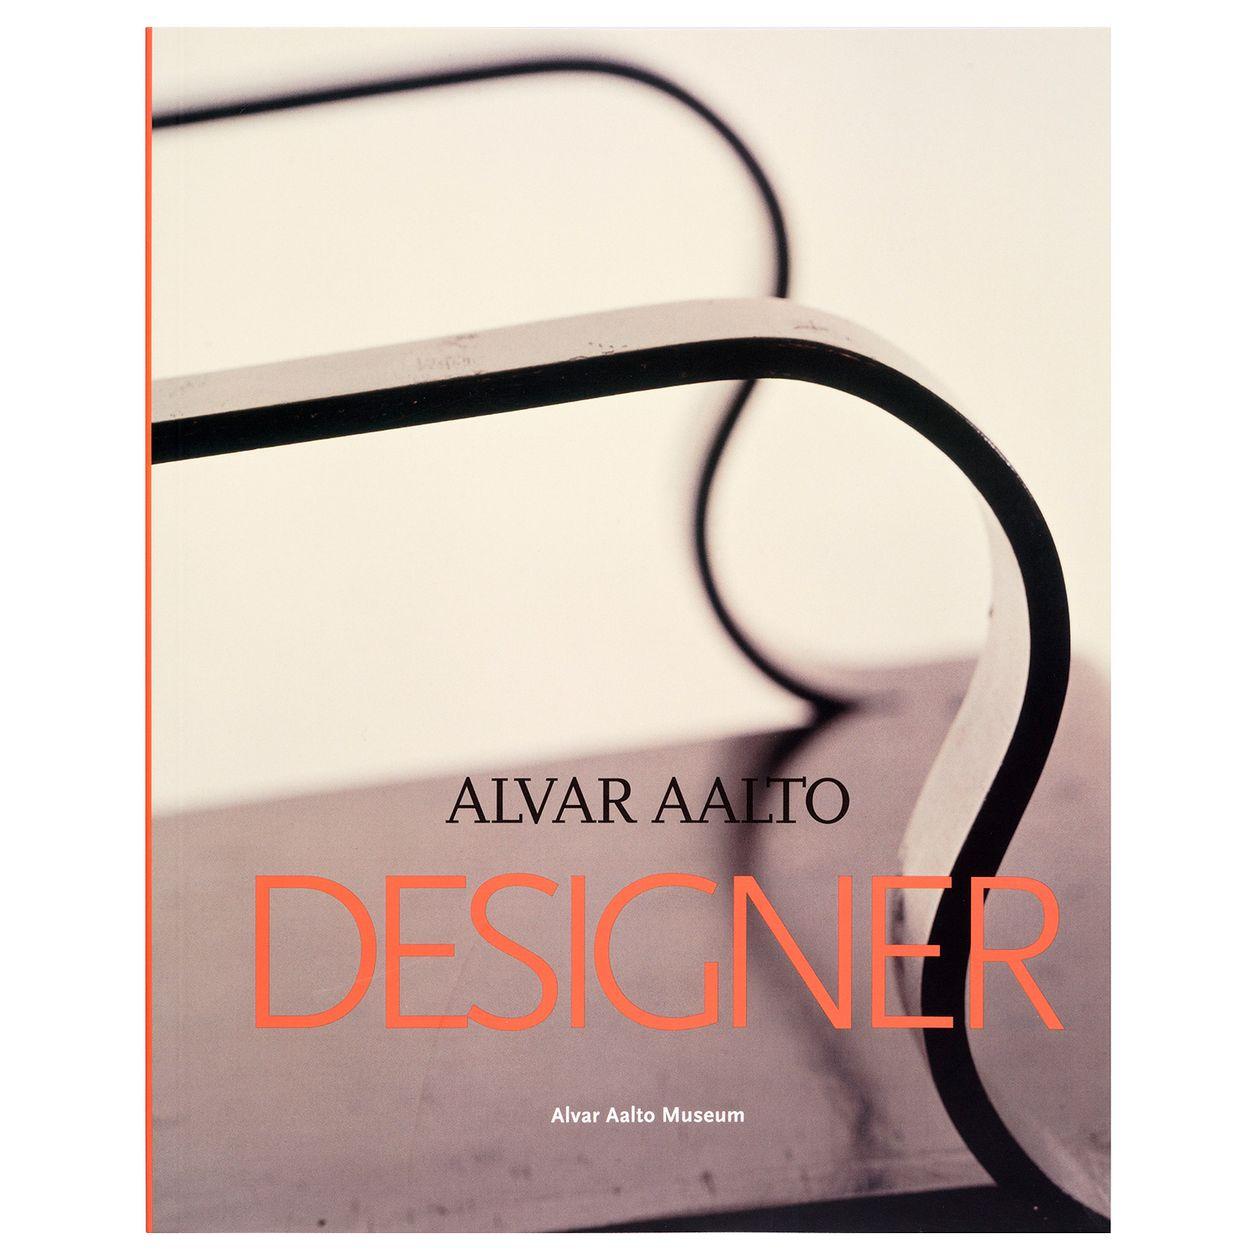 Alvar Aalto Designer book